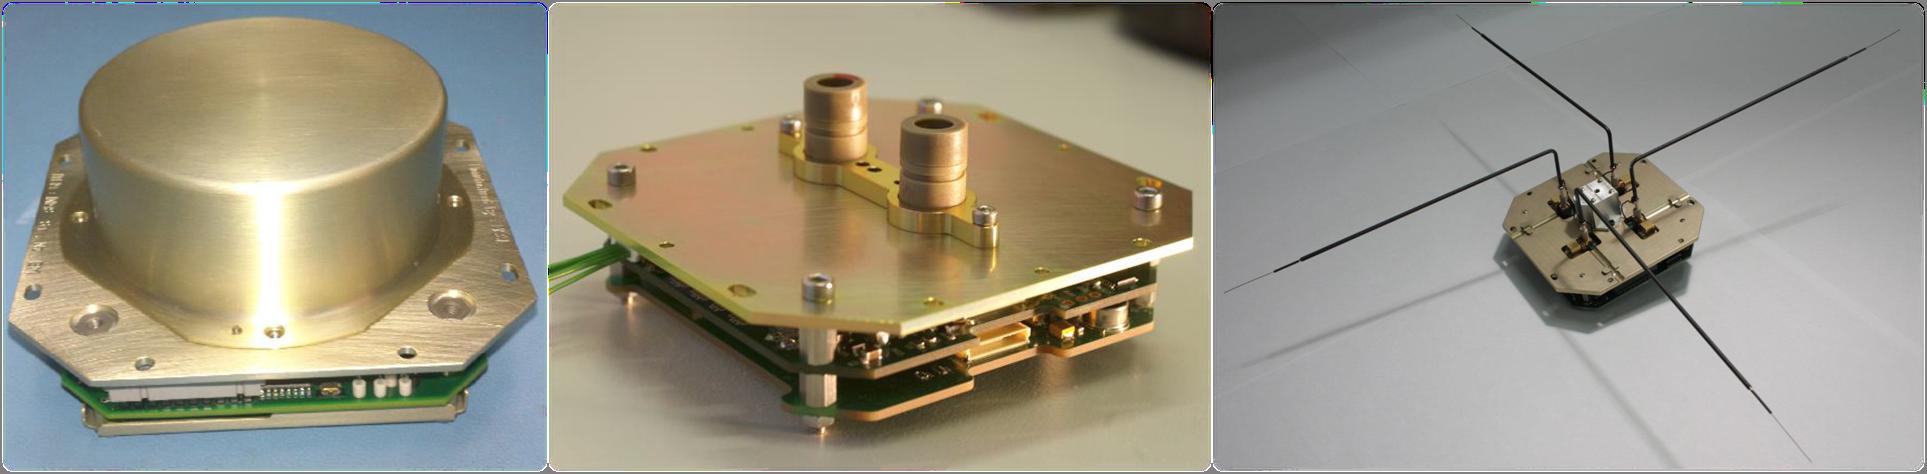 NASA - NanoRacks-QB50